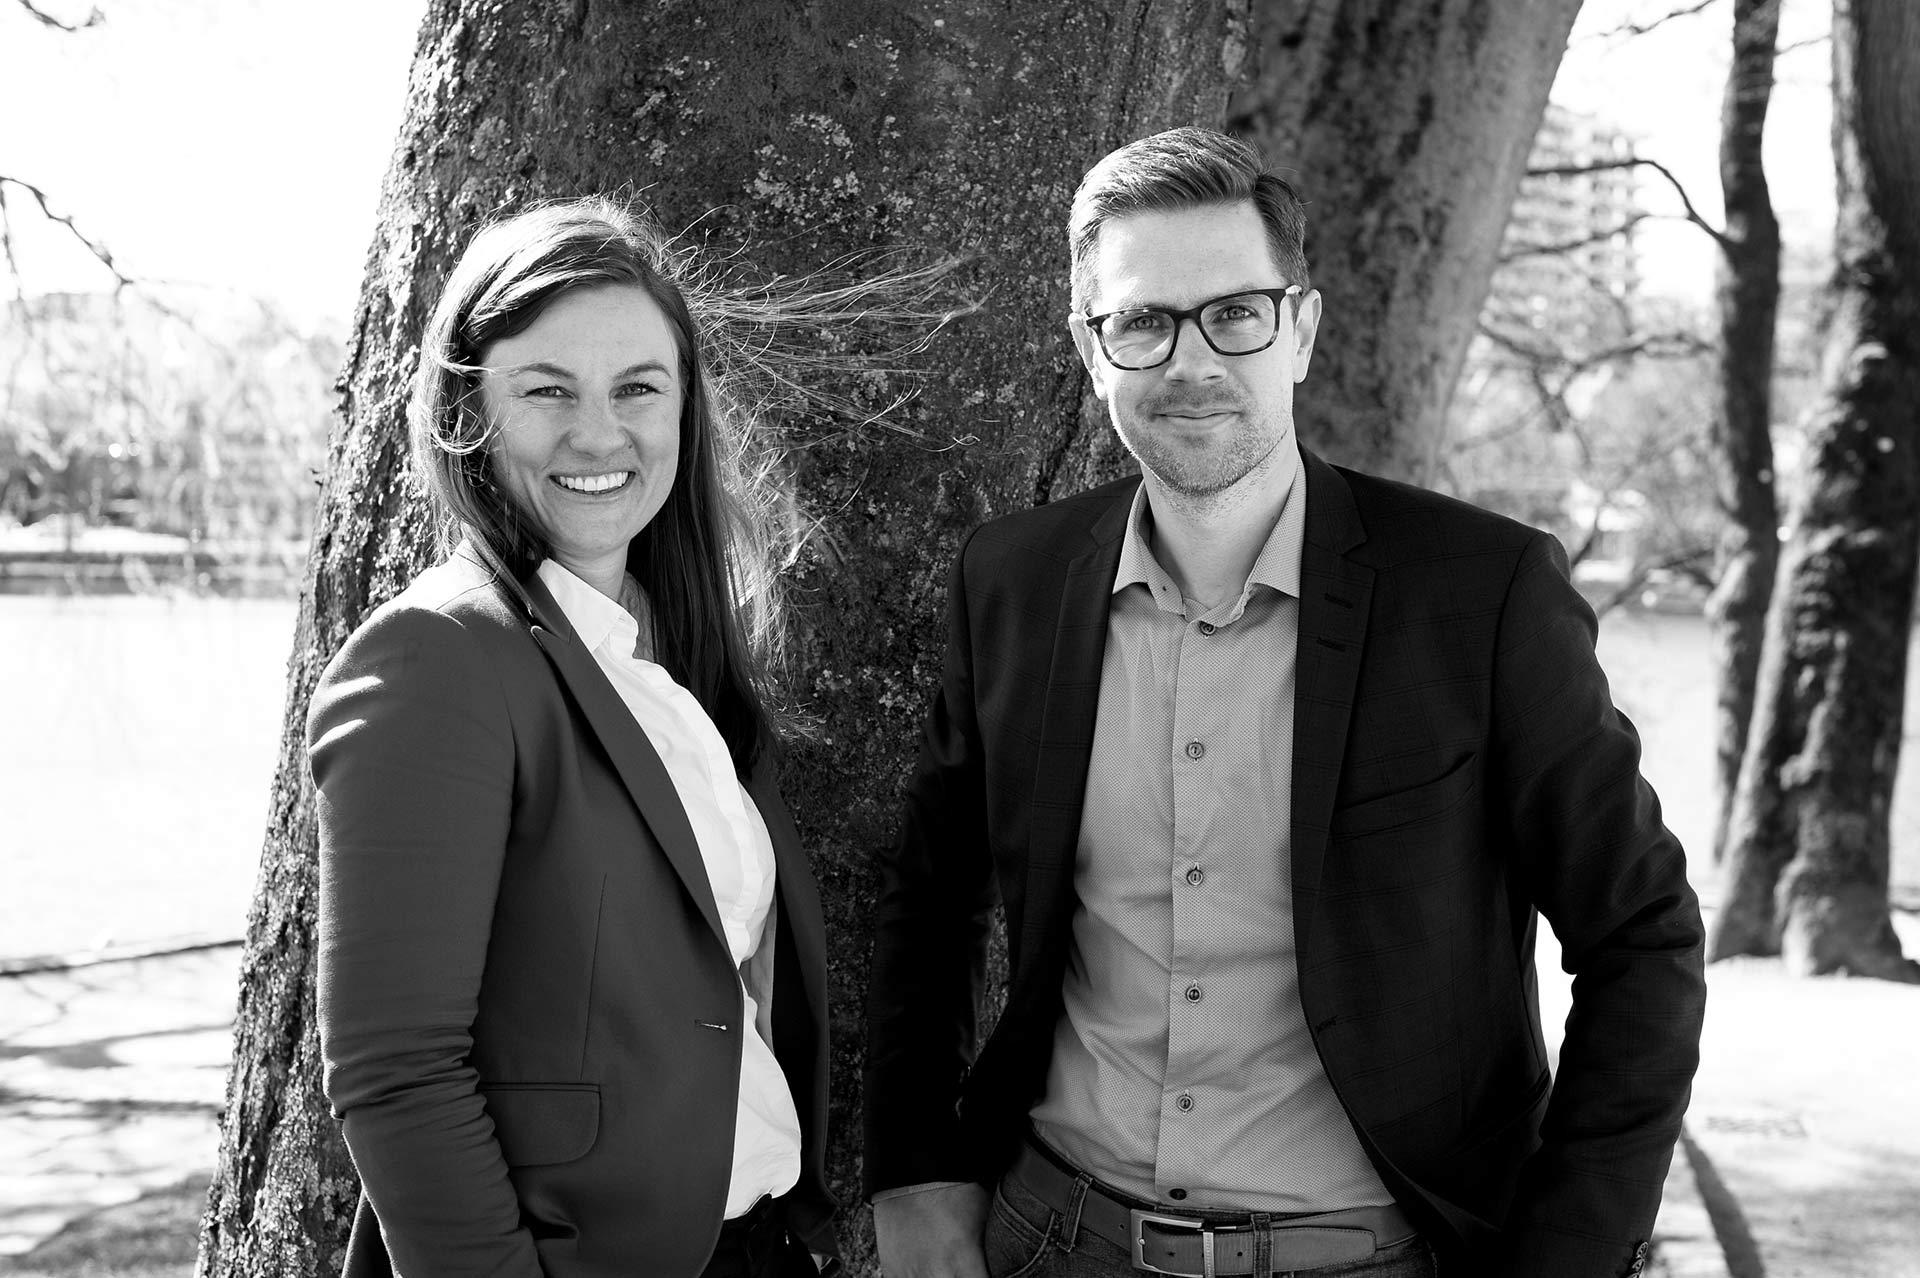 Bilde av selger Carina Kaldheim og markedssjef Roy Klungtvedt forran et tre.